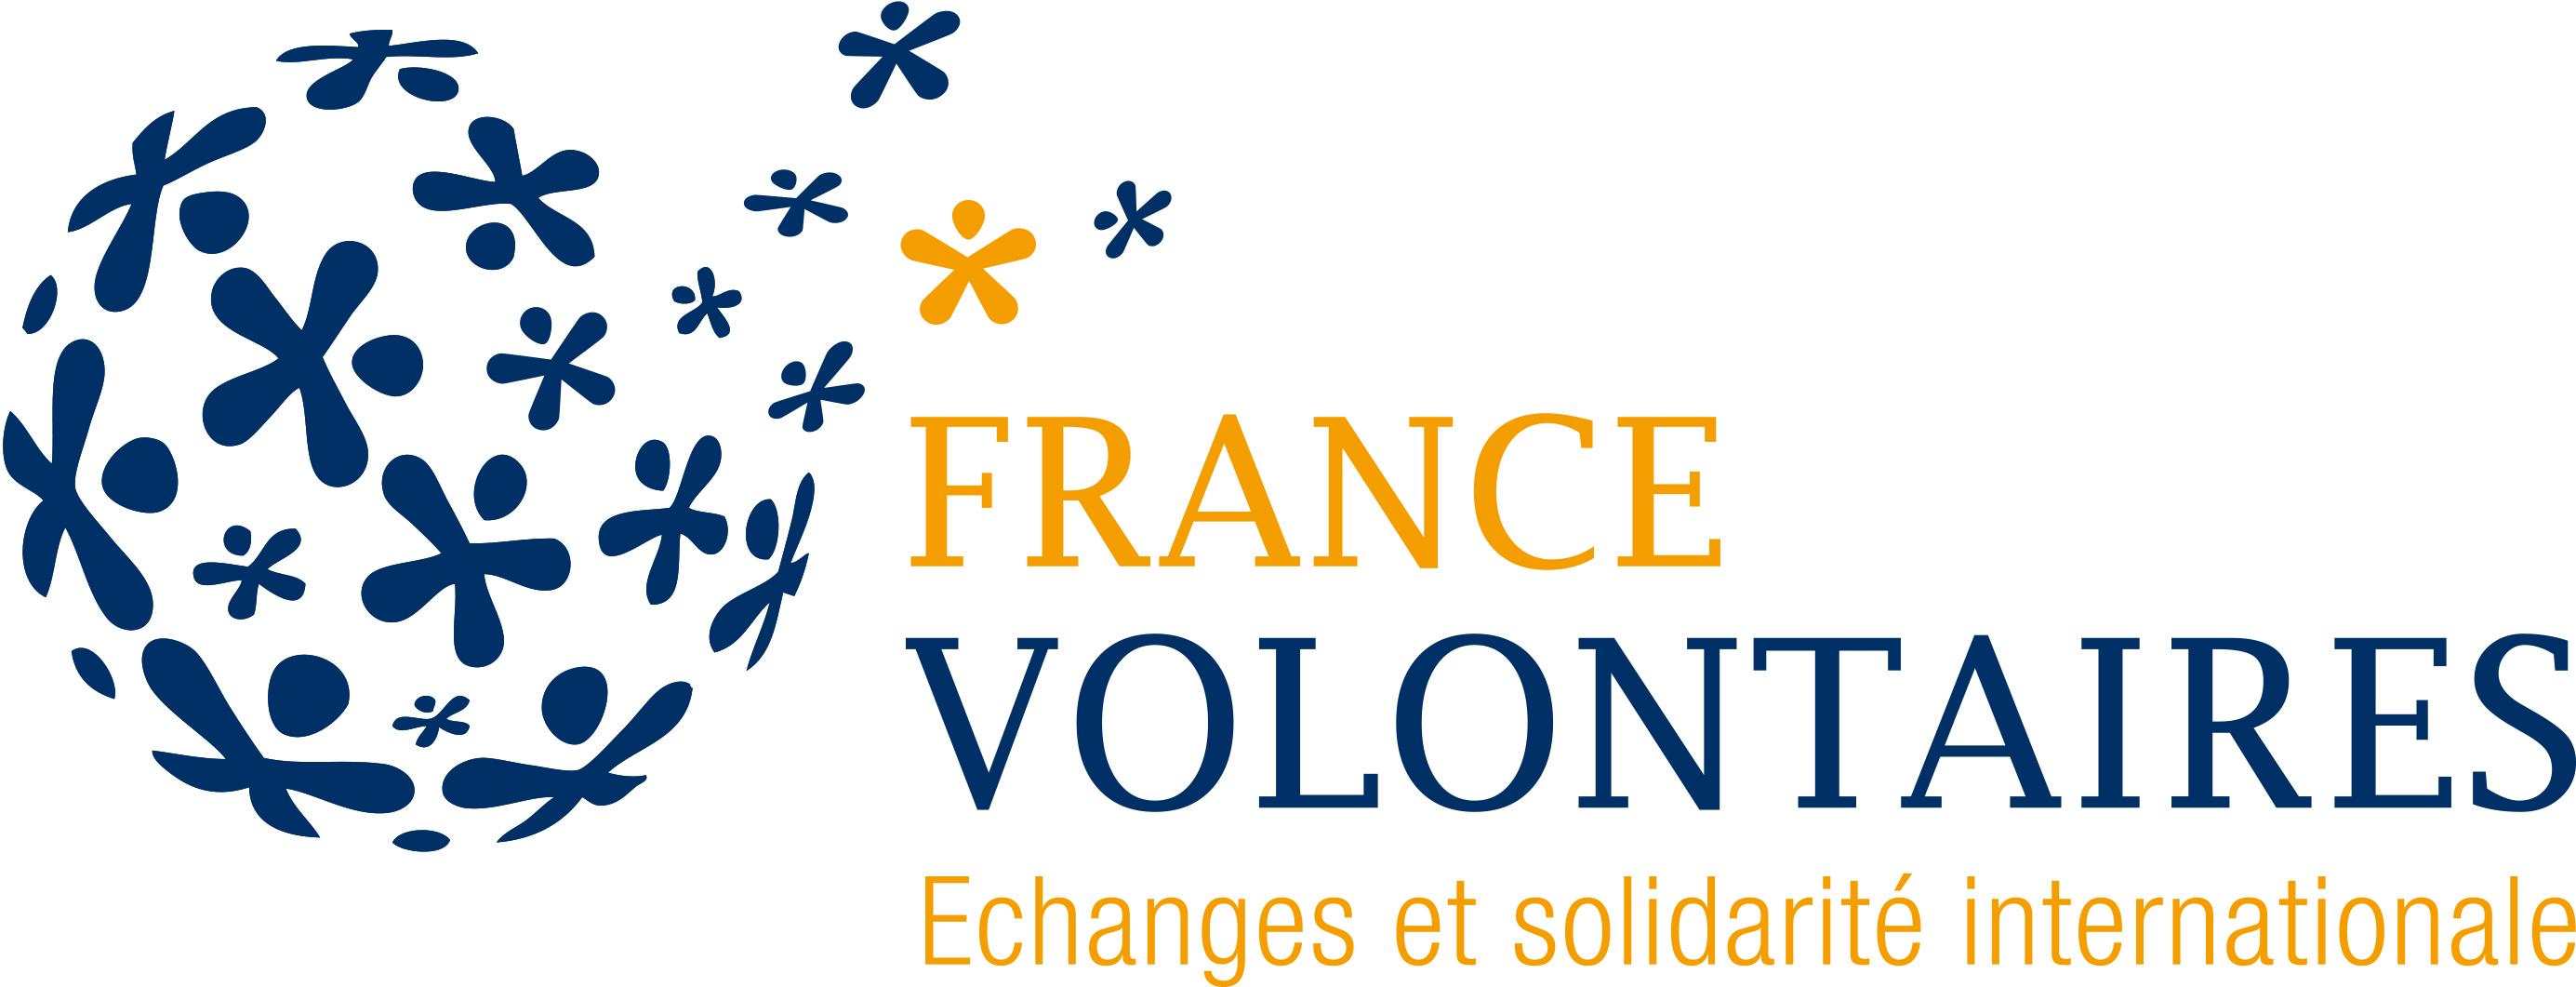 France Volontaires : échanges et solidarité internationale